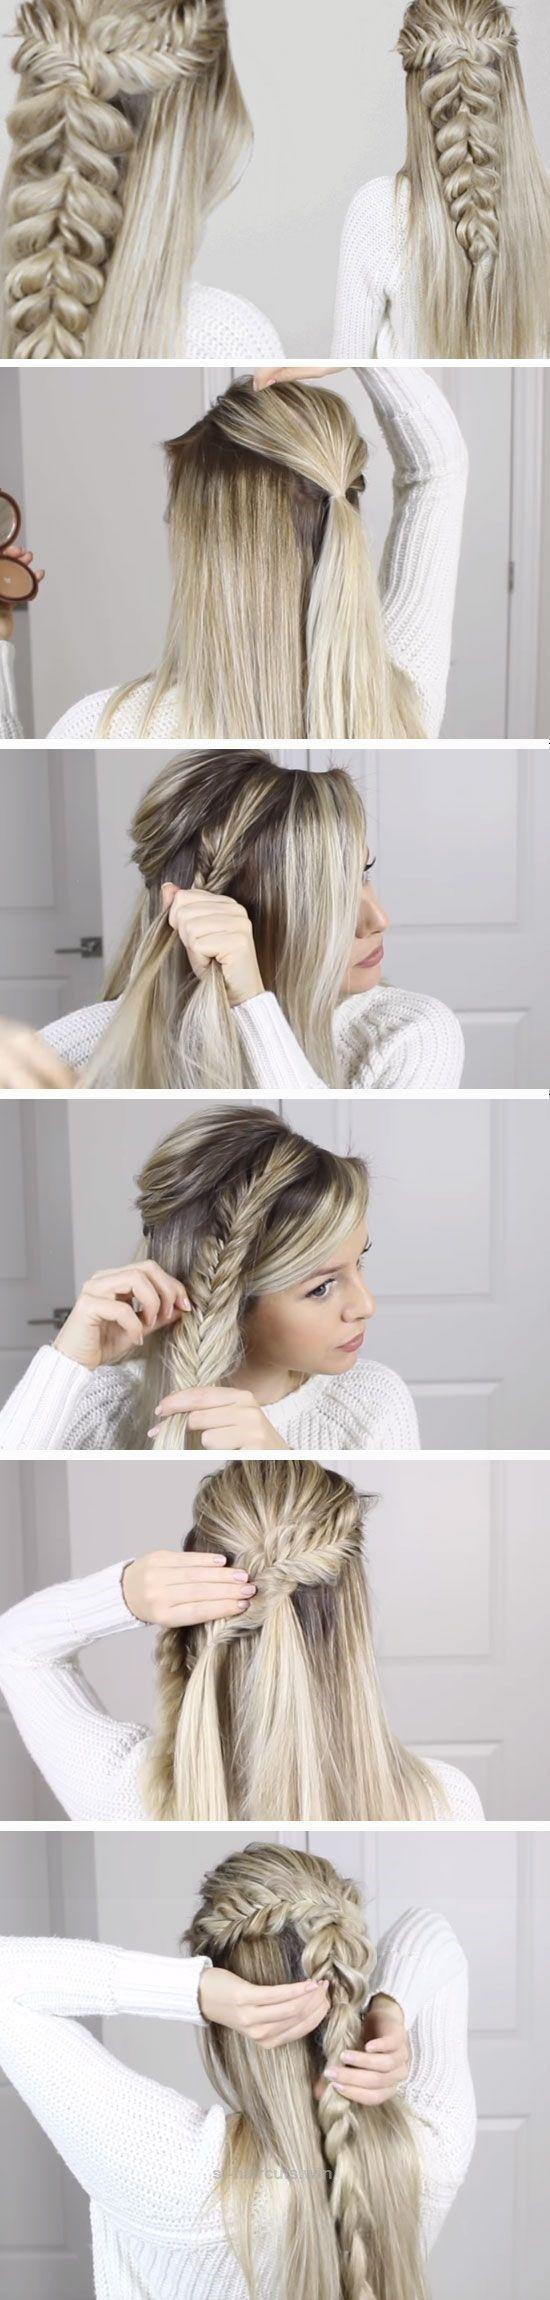 Fishtail into Pull Through Braid | Bridesmaid hairstyles, Medium ...